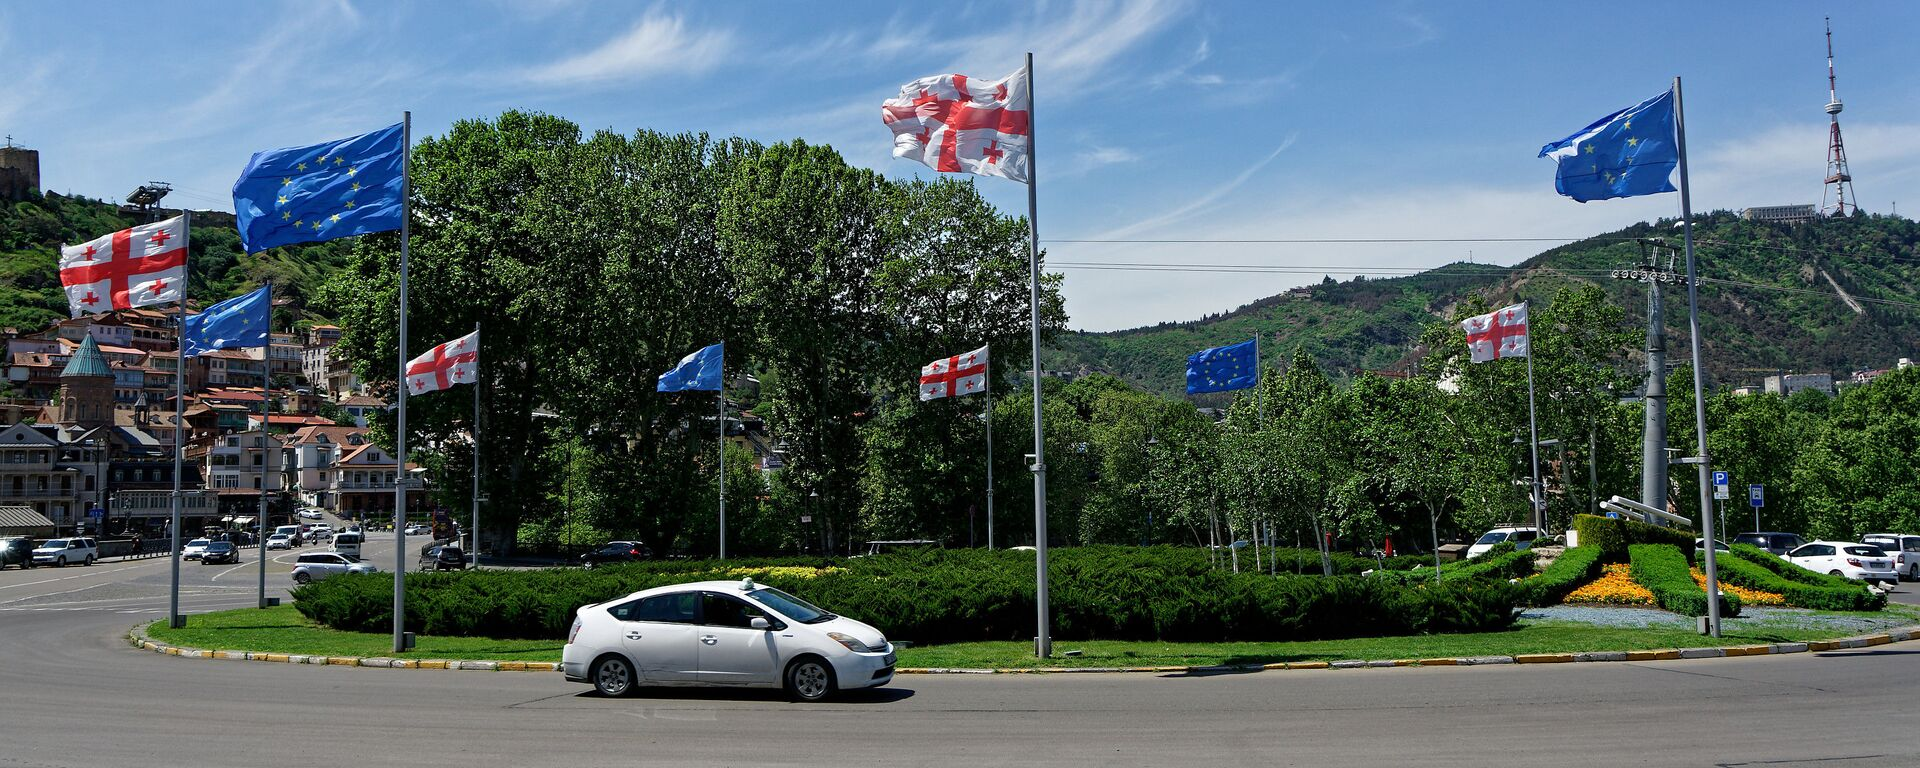 Вид на город Тбилиси в солнечную погоду - флаги ЕС и Грузии на площади Европы - Sputnik Грузия, 1920, 31.08.2021